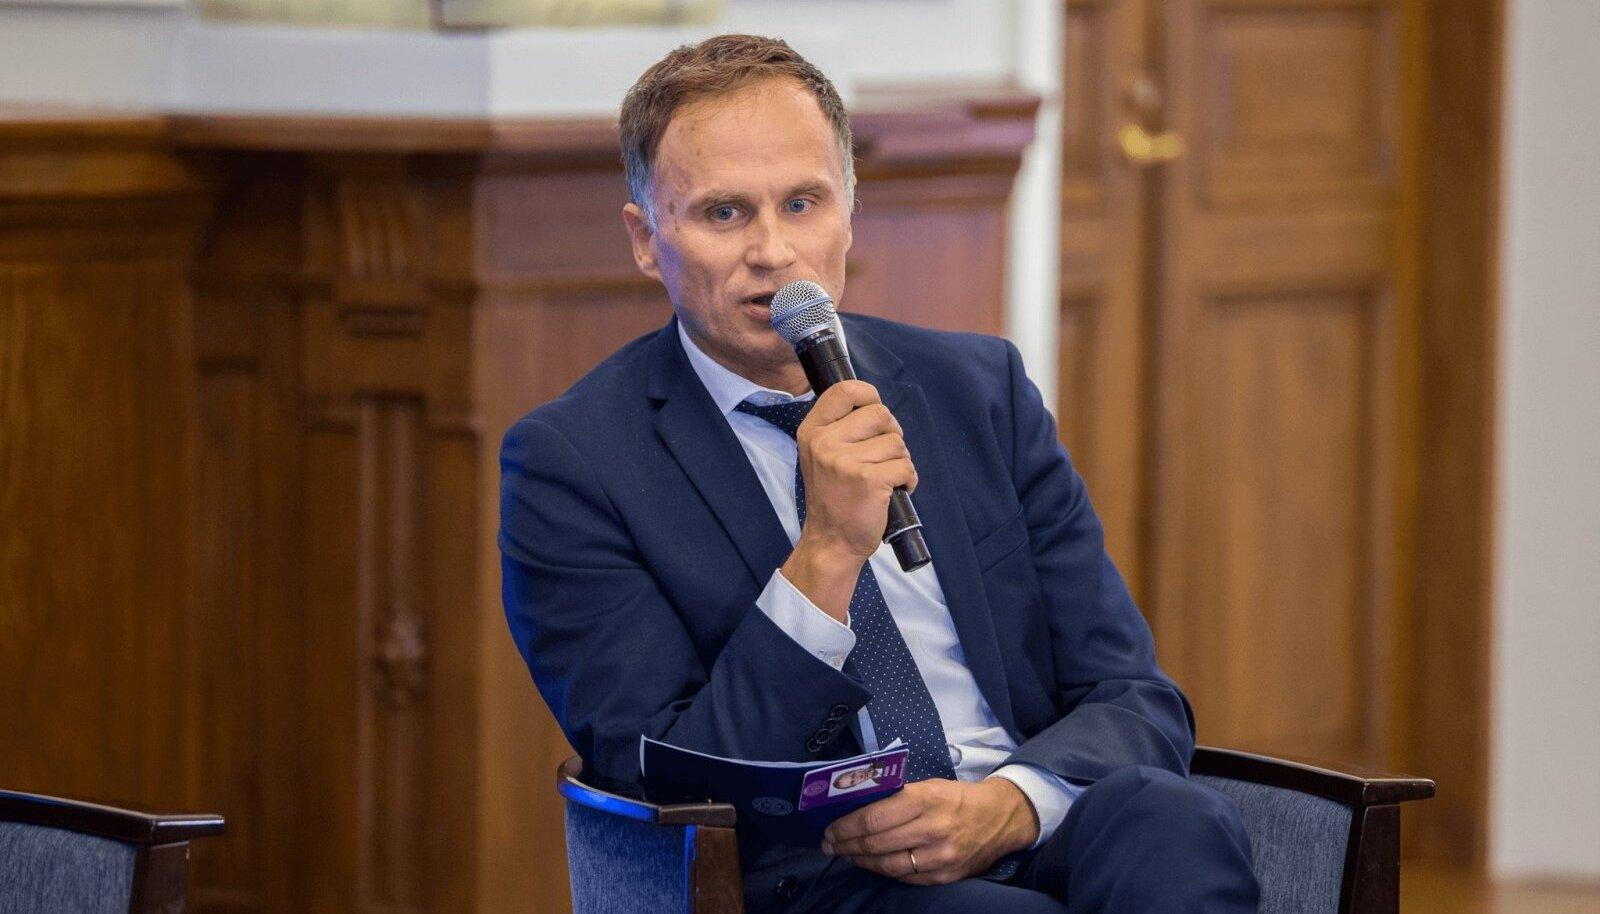 Finantsinspektsiooni juhatuse liige Andre Nõmm sõnul tasub investeerimise kõrval teadvustada ka riske. Muidu võib hulk uusi investoreid hoopis jäädavalt investeerimisest kõrvale jääda.